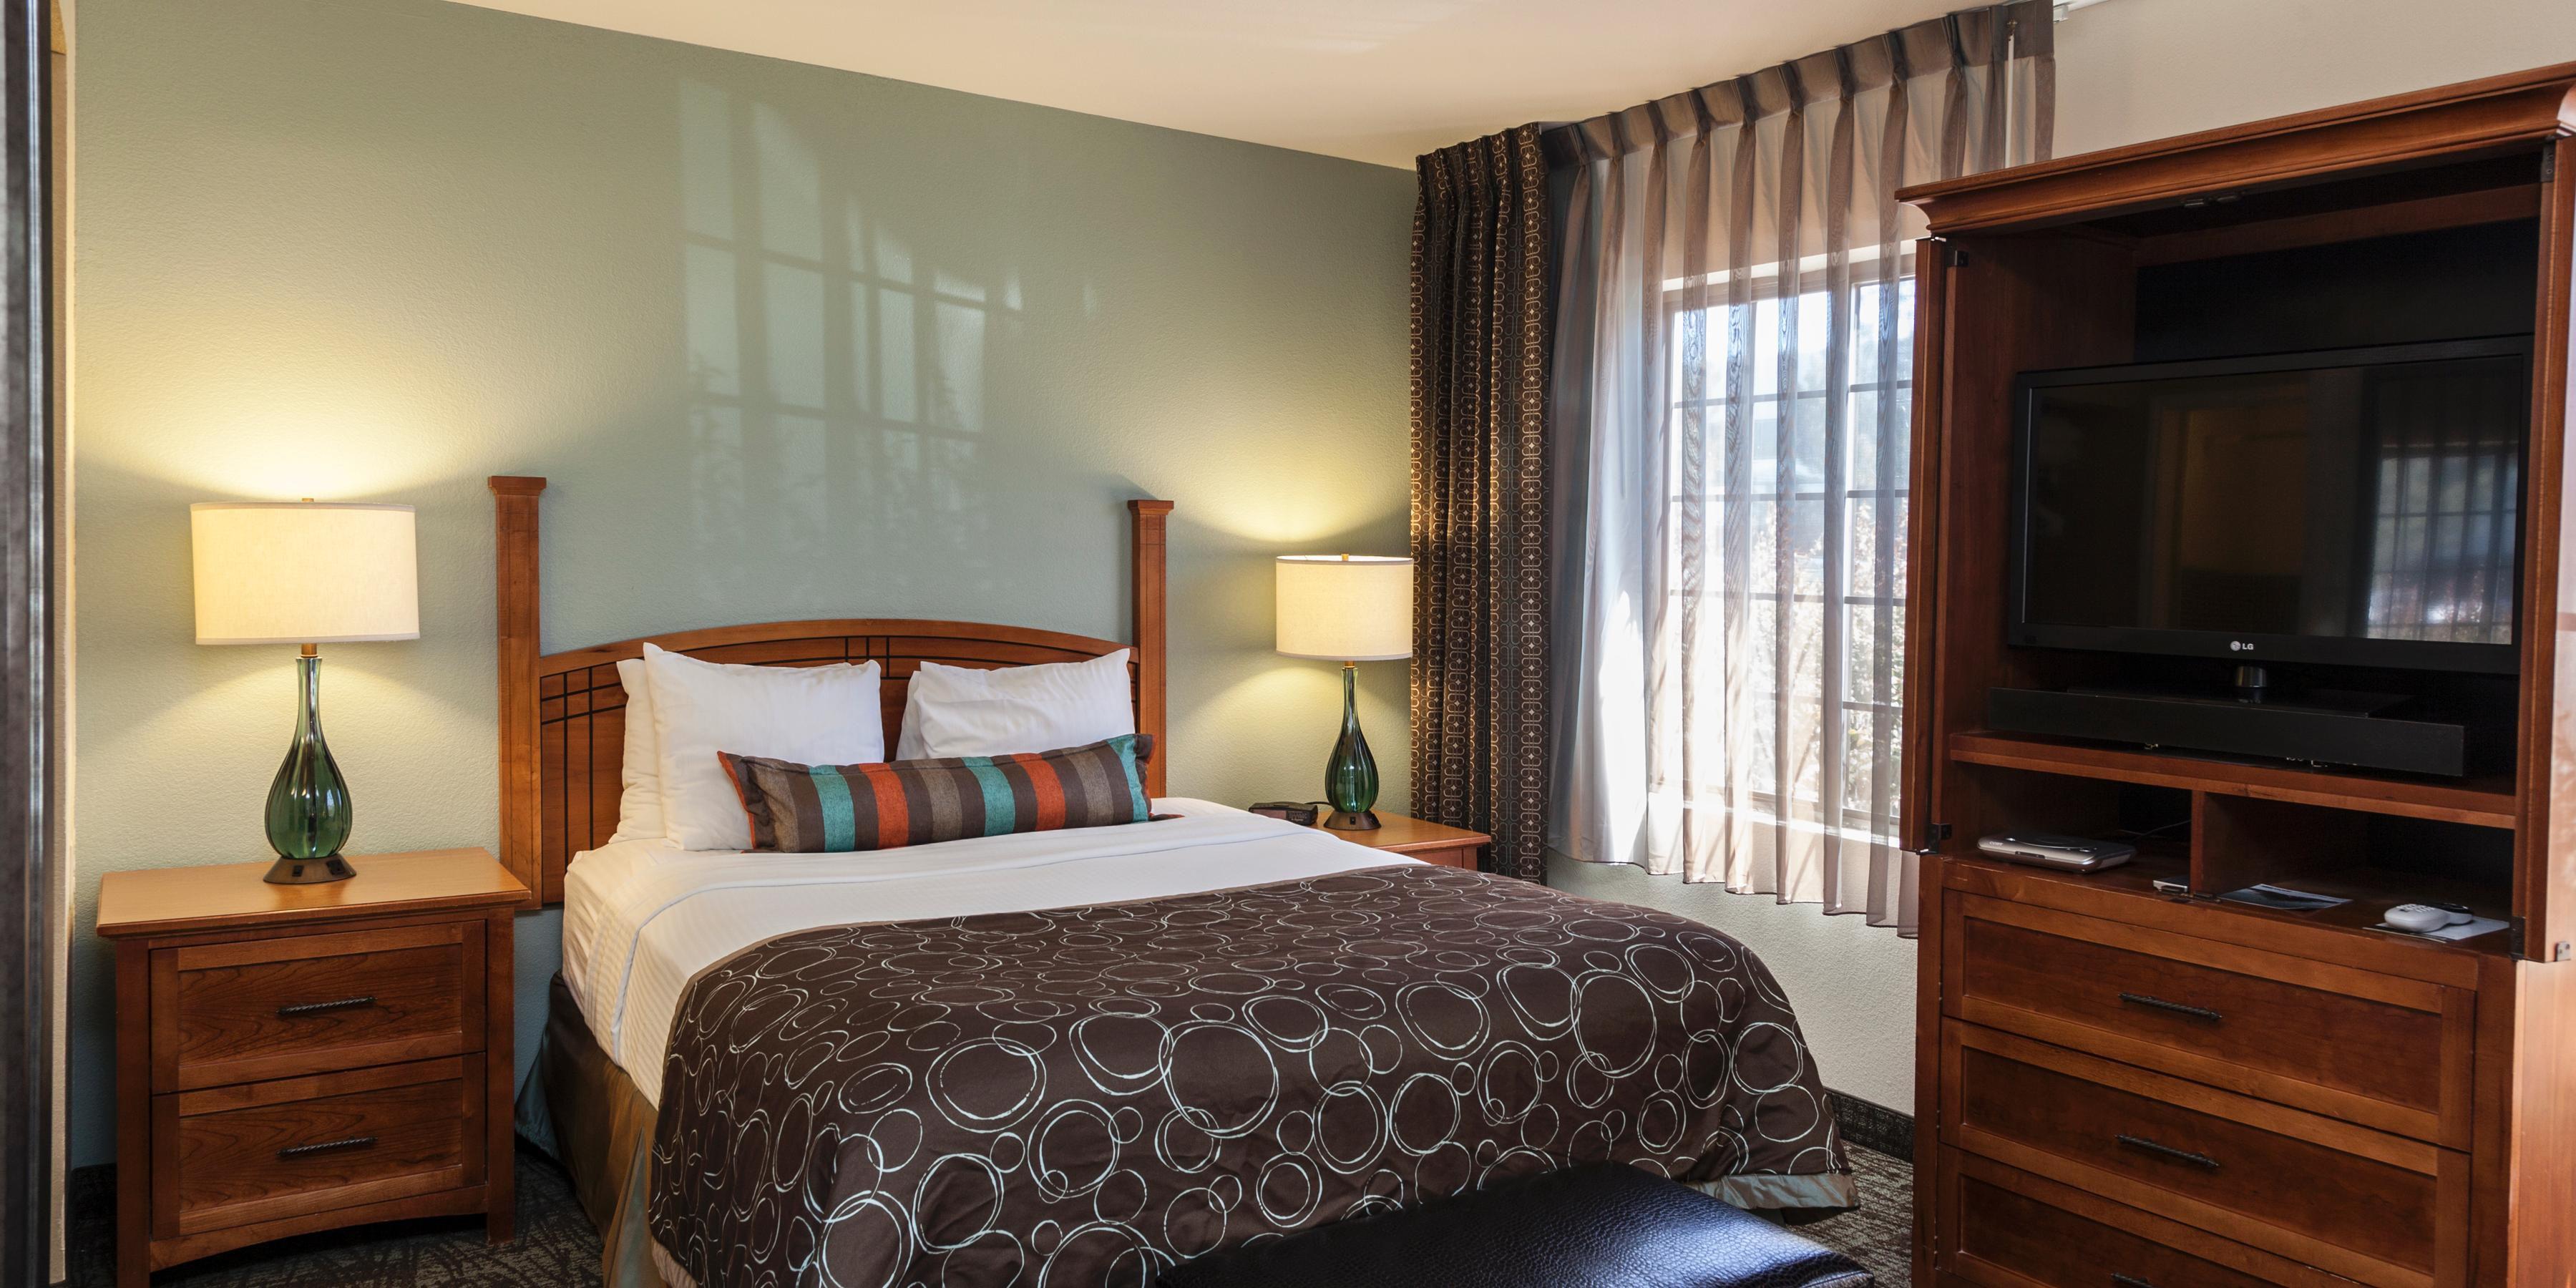 Staybridge Suites Colorado Springs North image 1